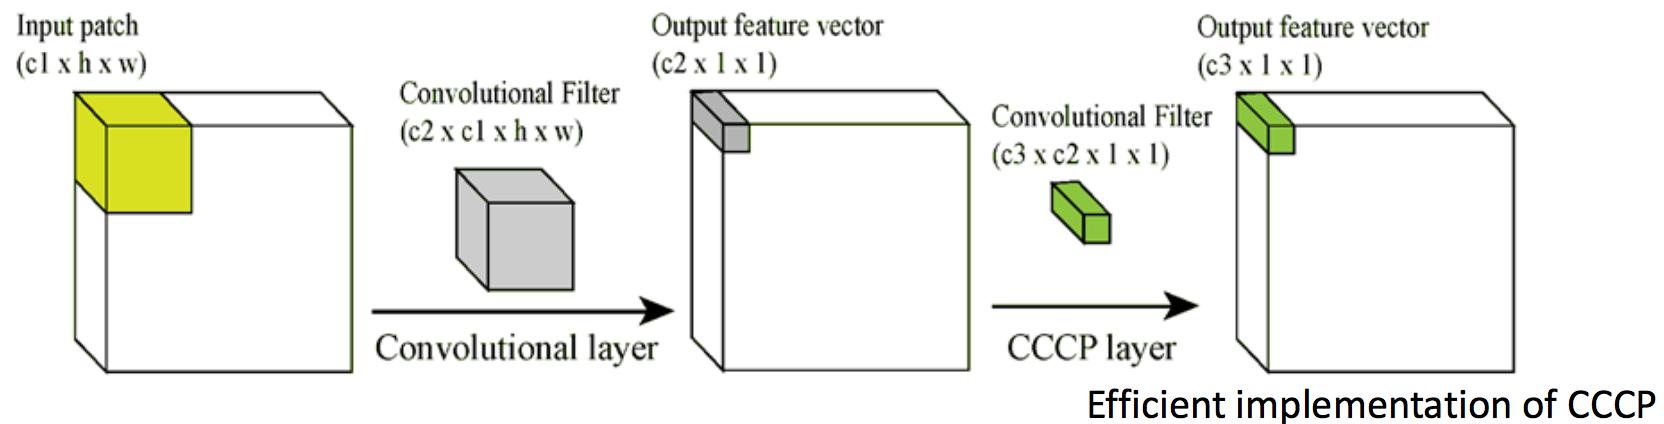 Обзор топологий глубоких сверточных нейронных сетей - 15